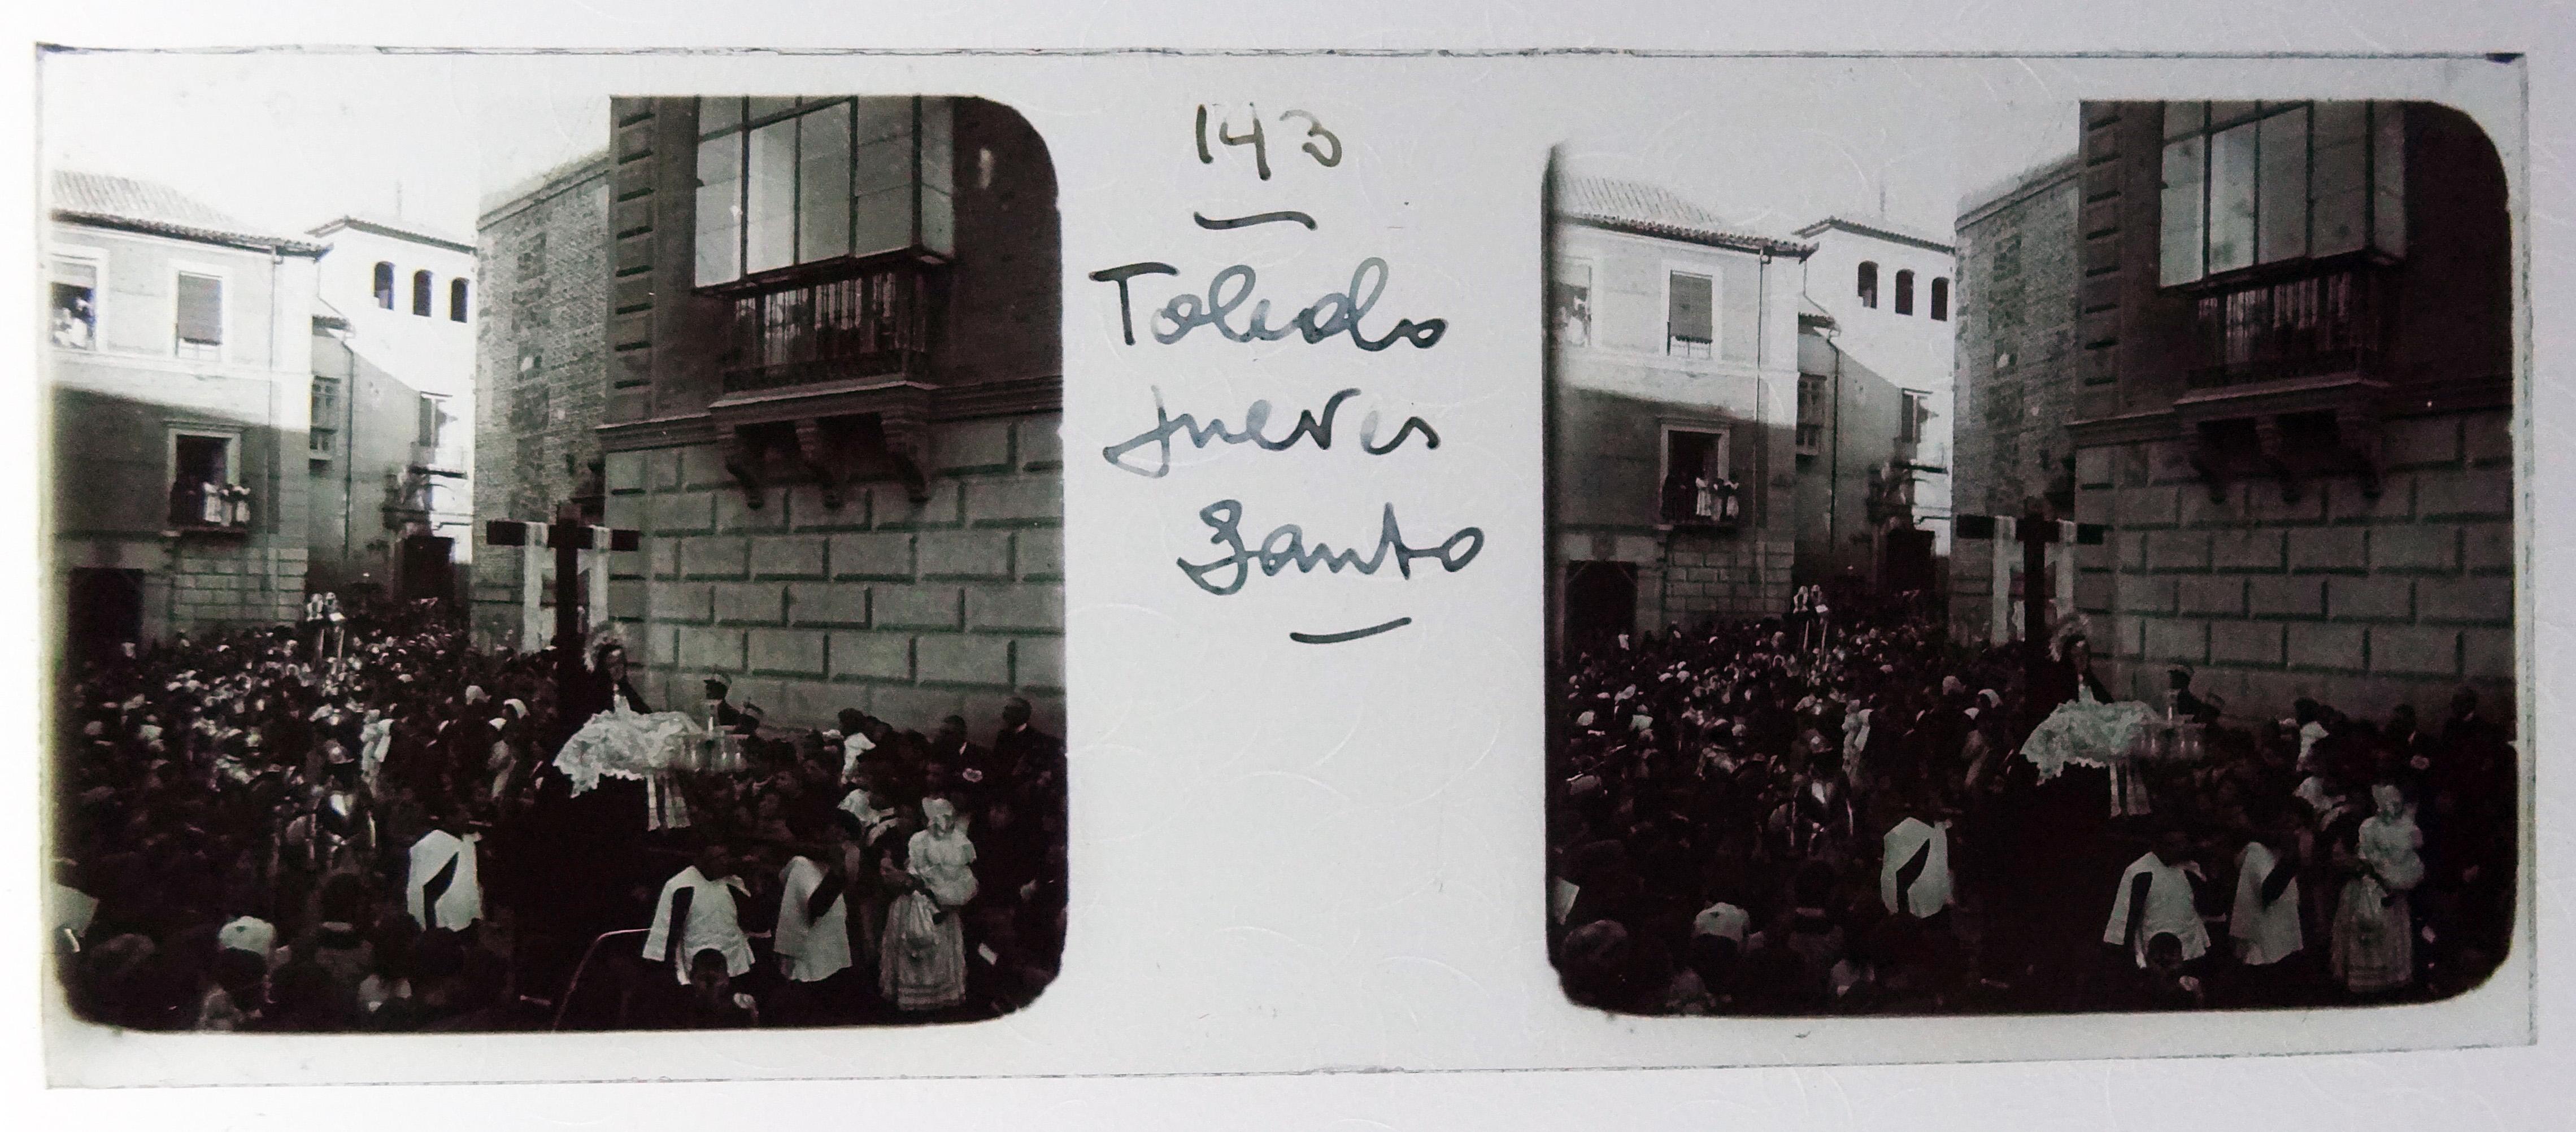 Procesión de Semana Santa, Plaza de San Vicente. Fotografía de Francisco Rodríguez Avial hacia 1910 © Herederos de Francisco Rodríguez Avial